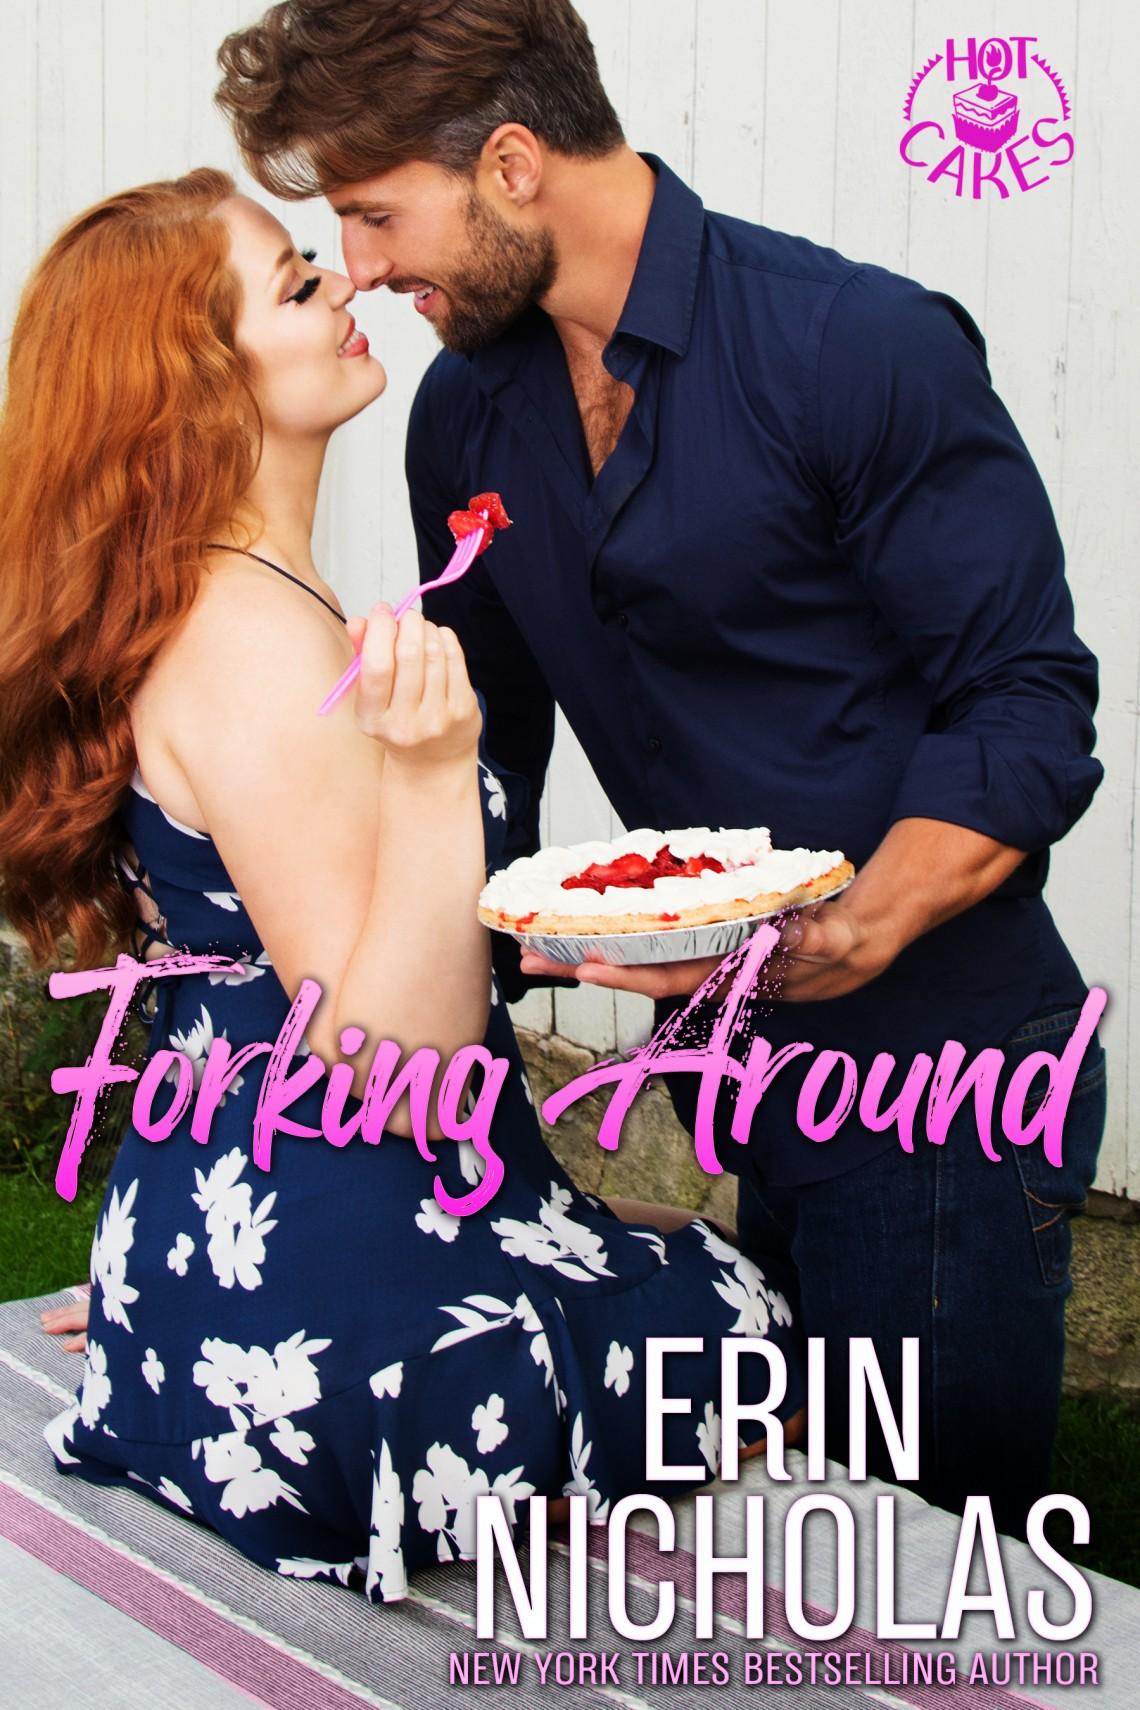 Forking Around by Erin Nicholas